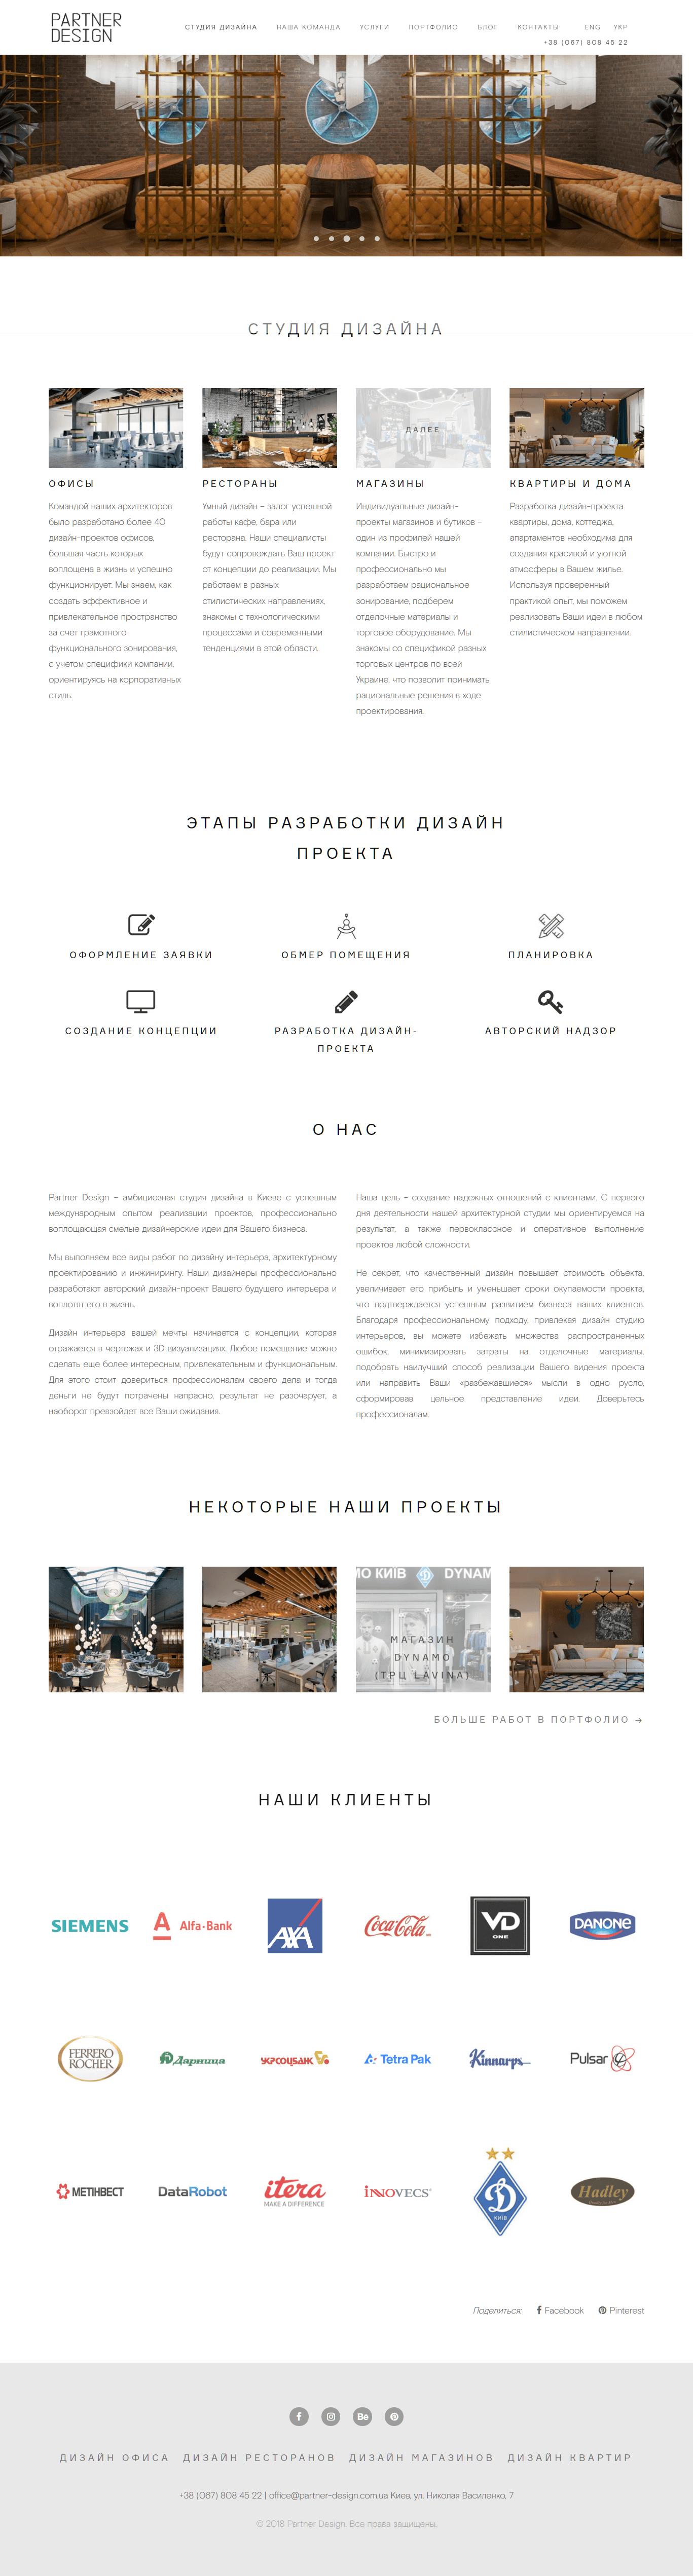 """Пример текста """"О нас"""" на стартовой странице"""